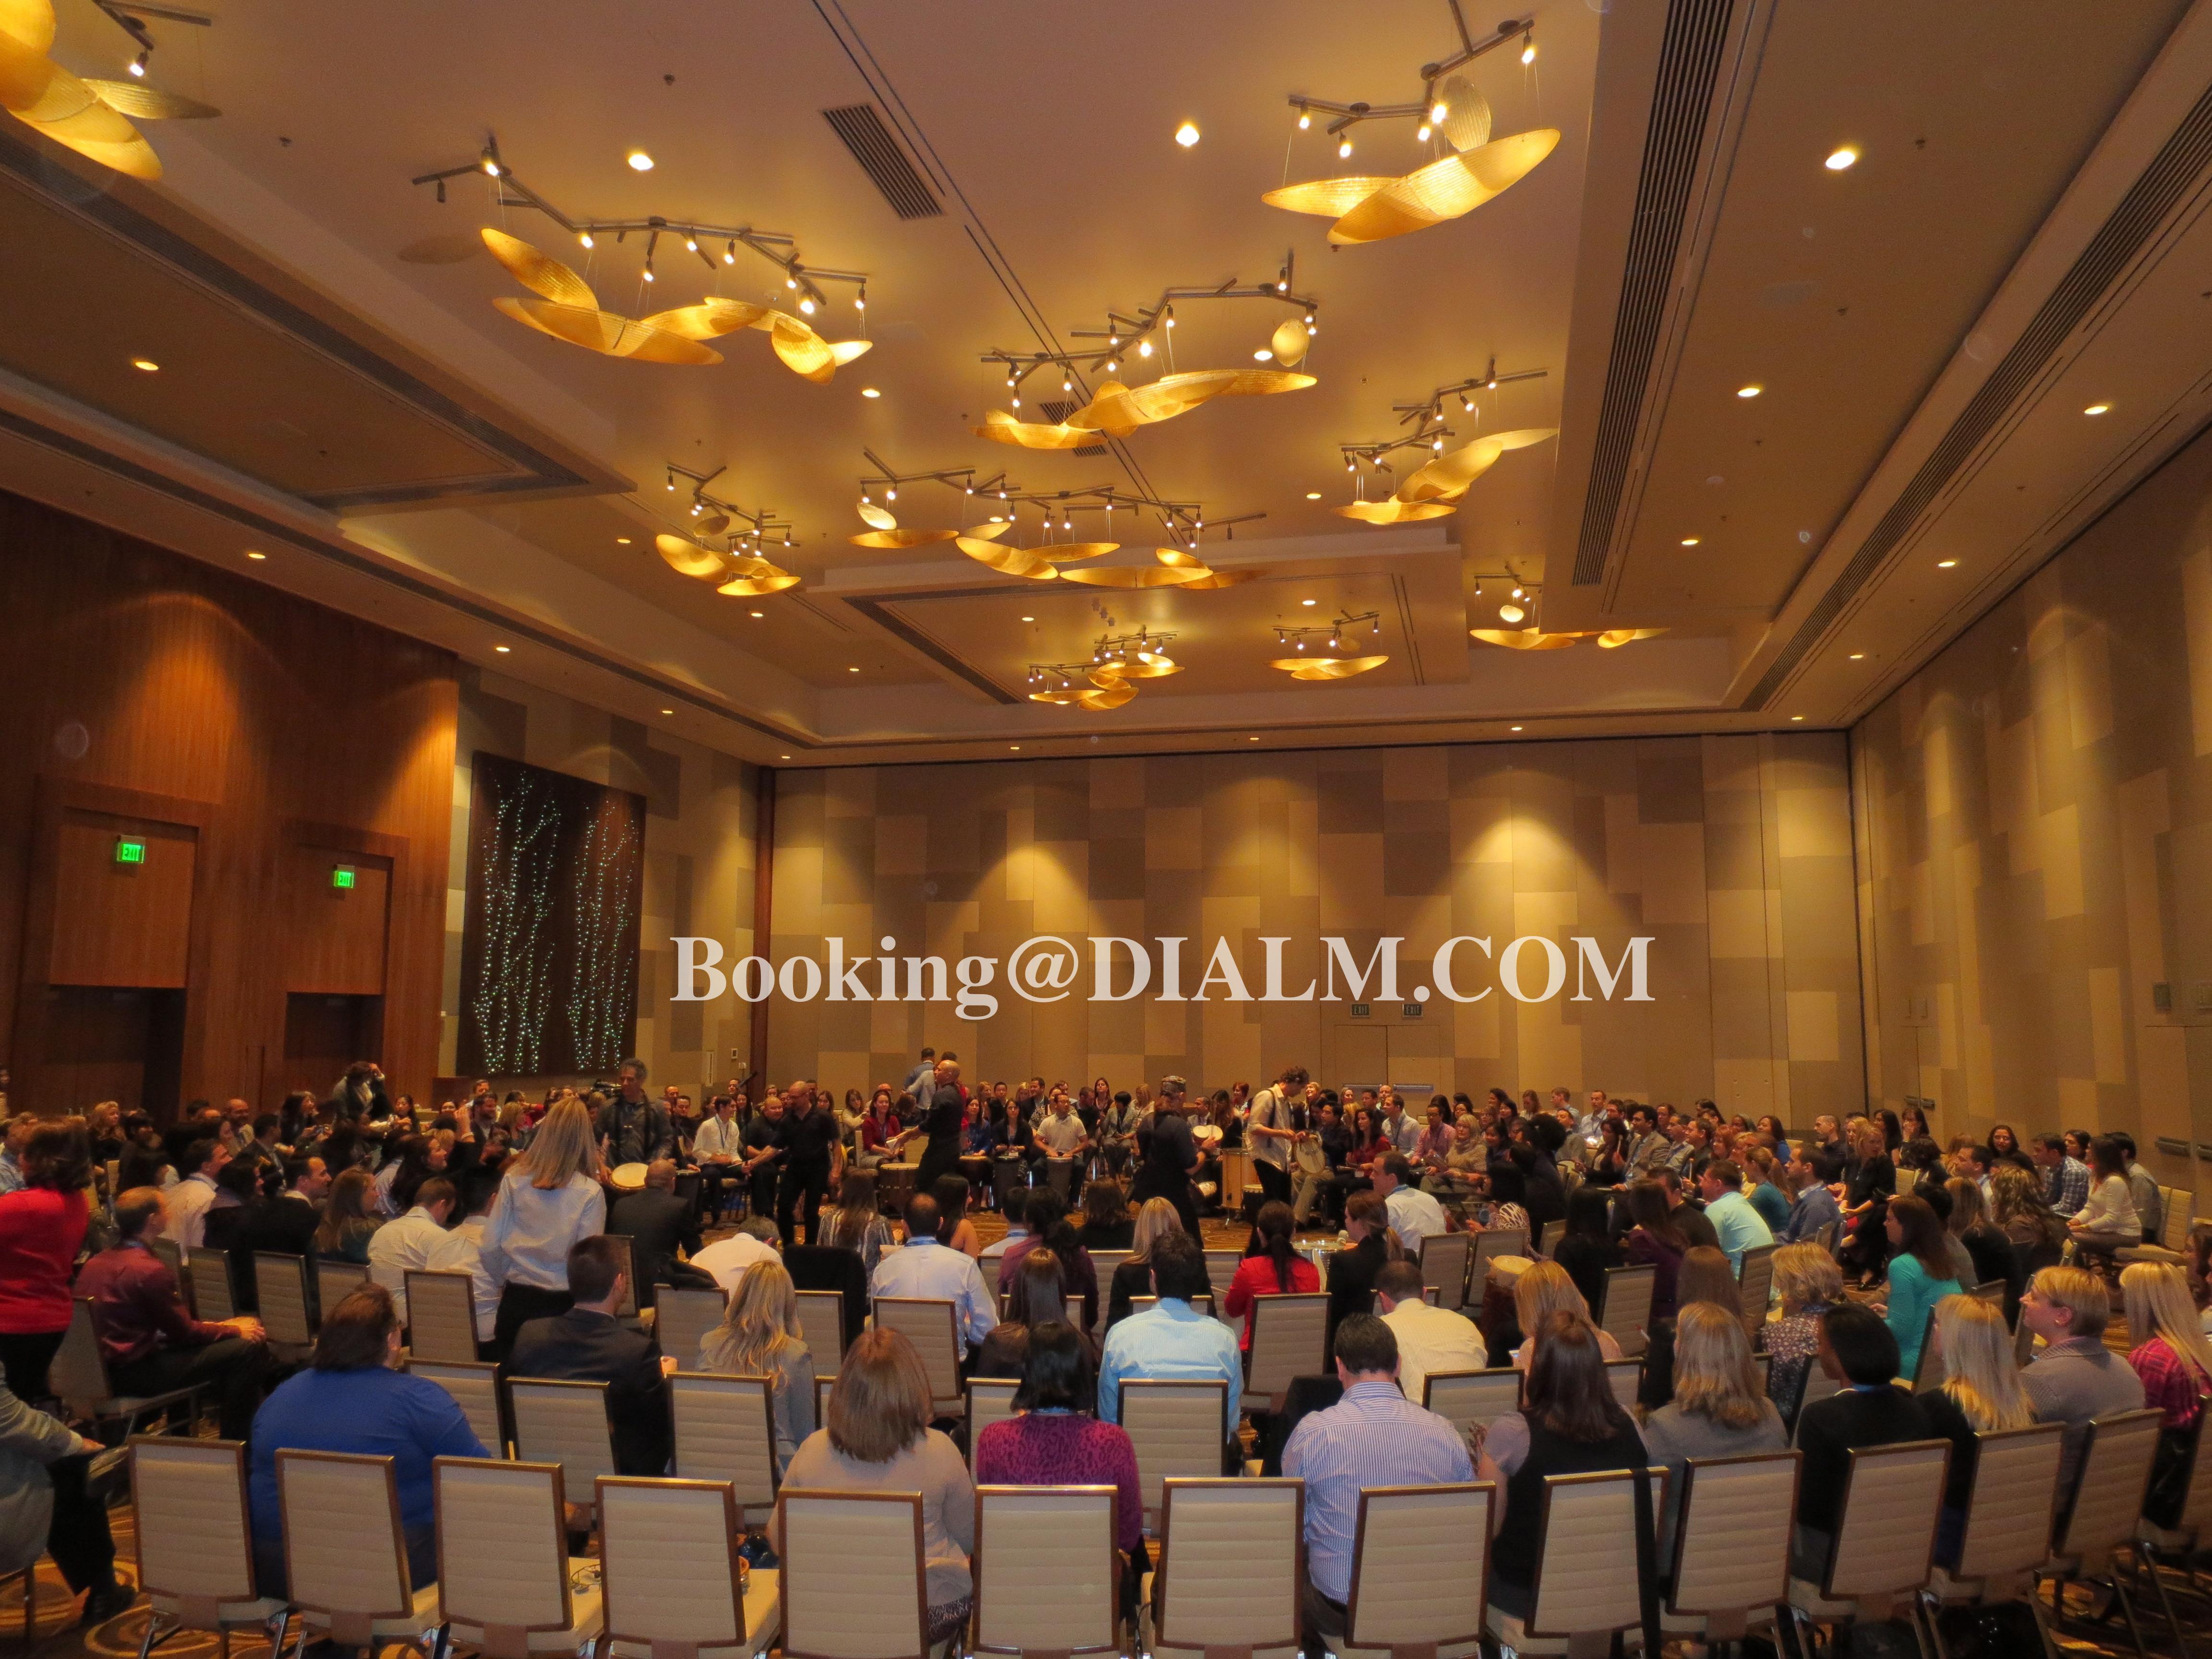 Drum Circle 300 Participants